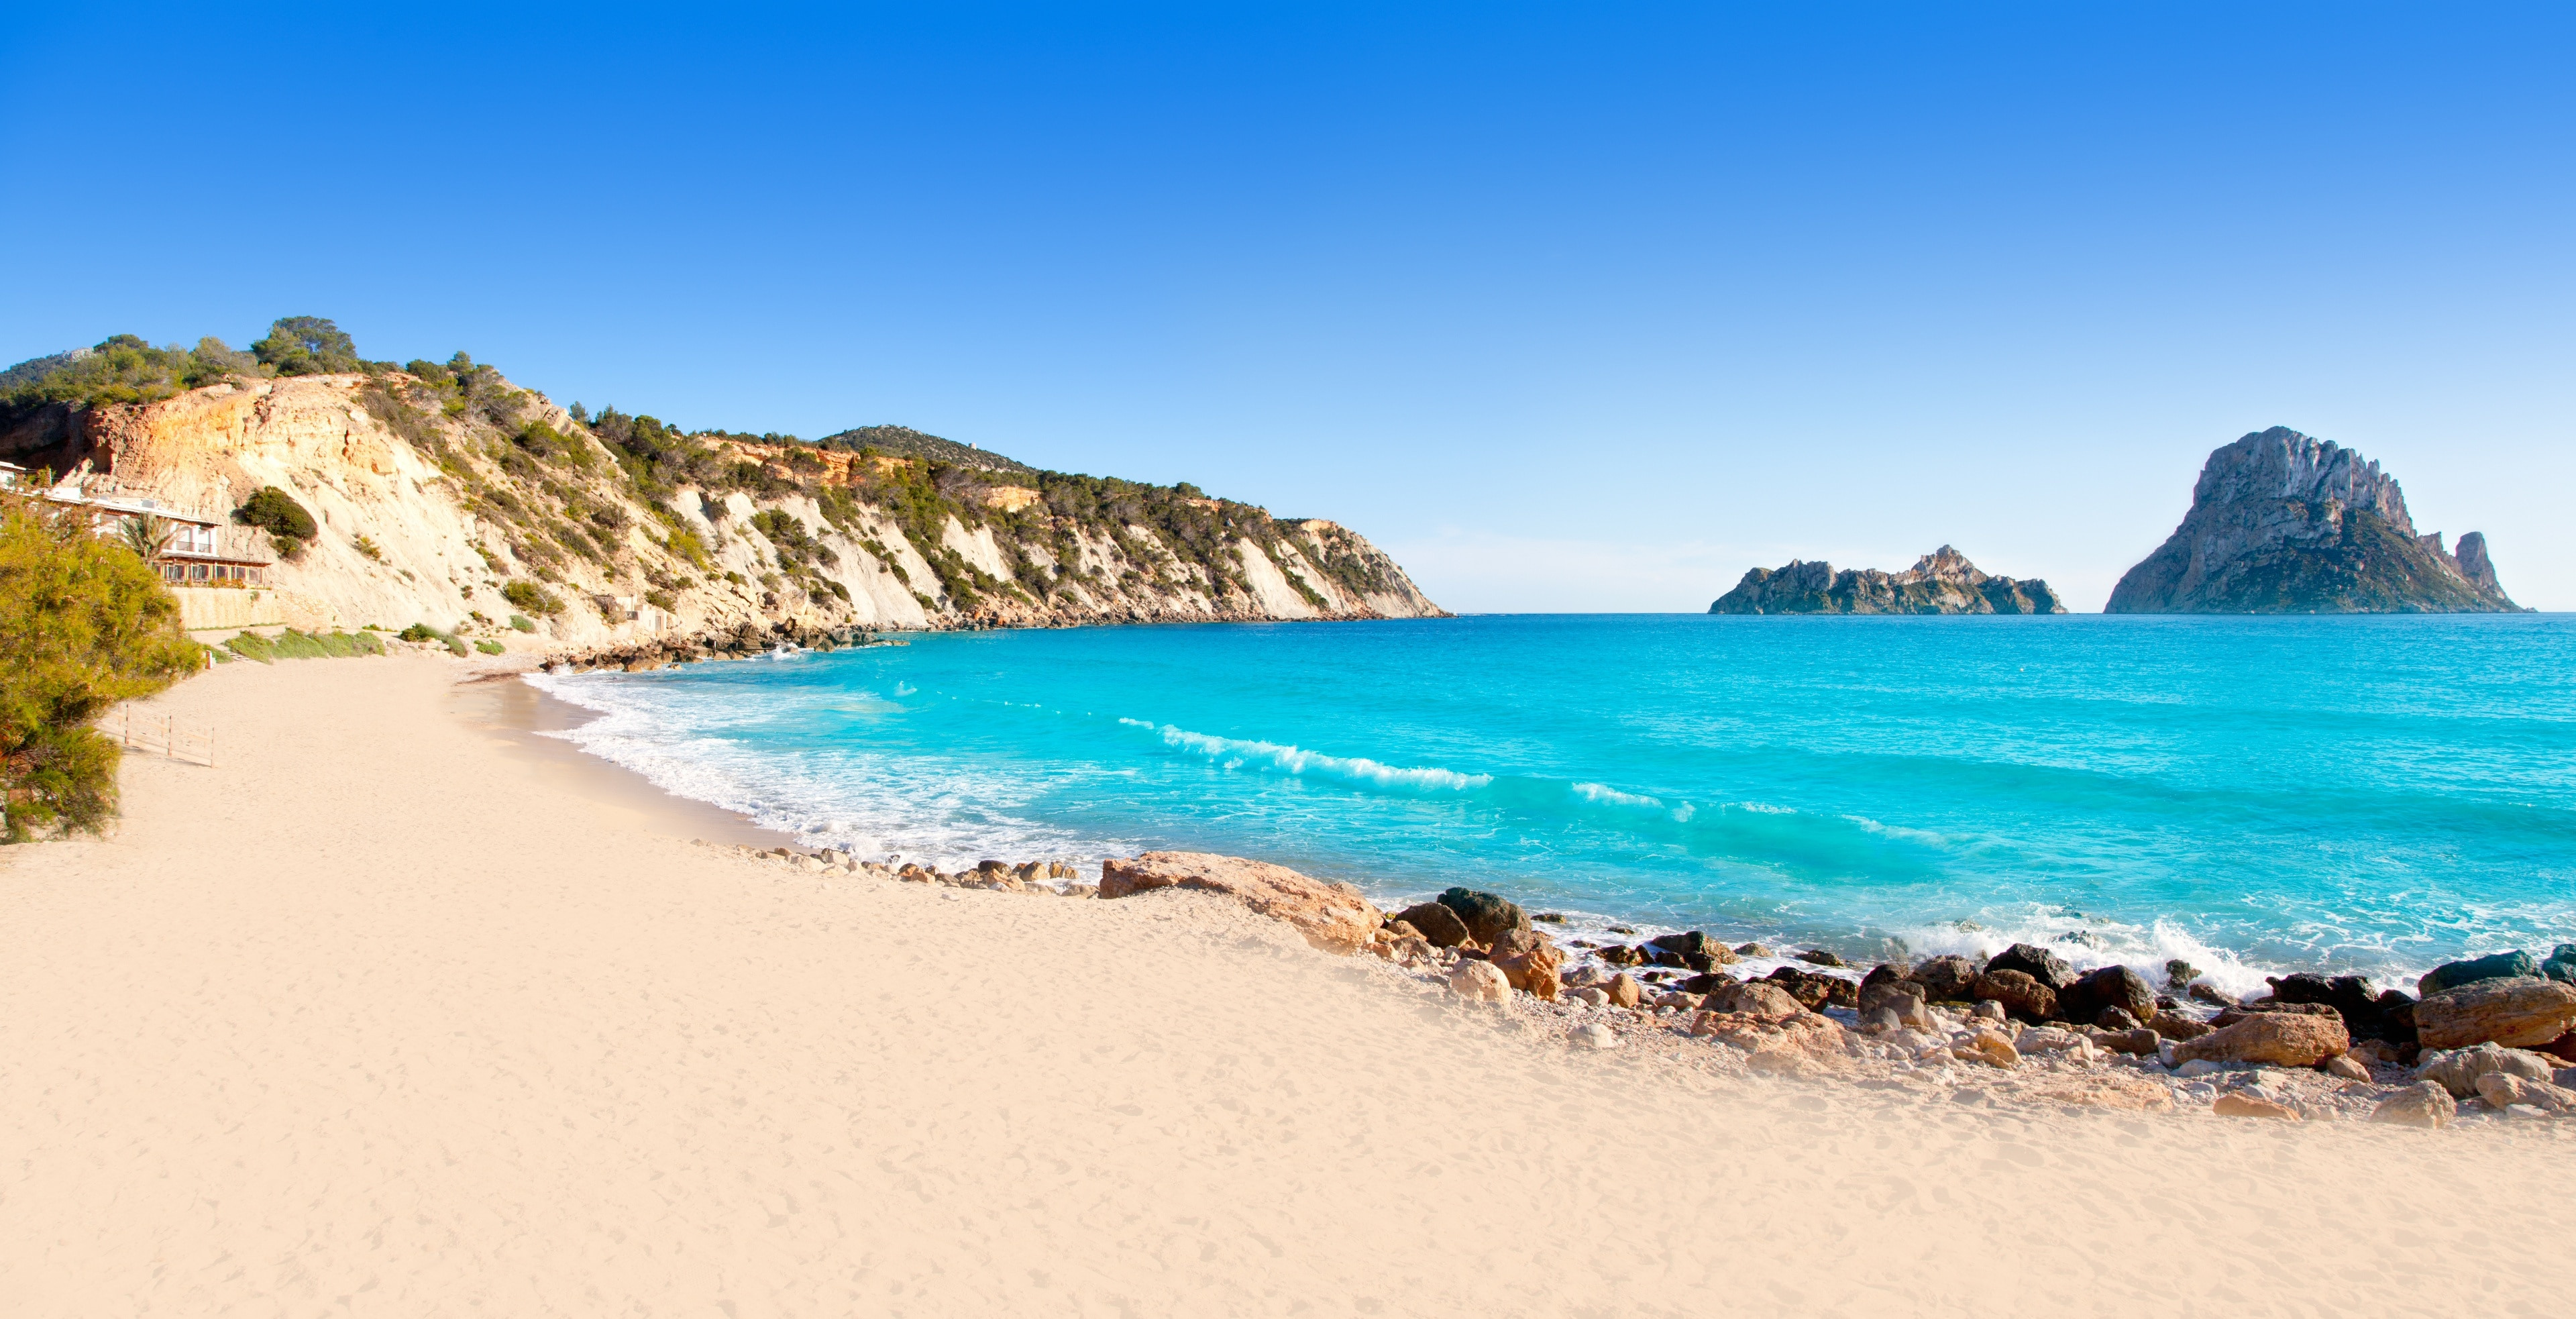 Insel Ibiza, Balearen, Spanien